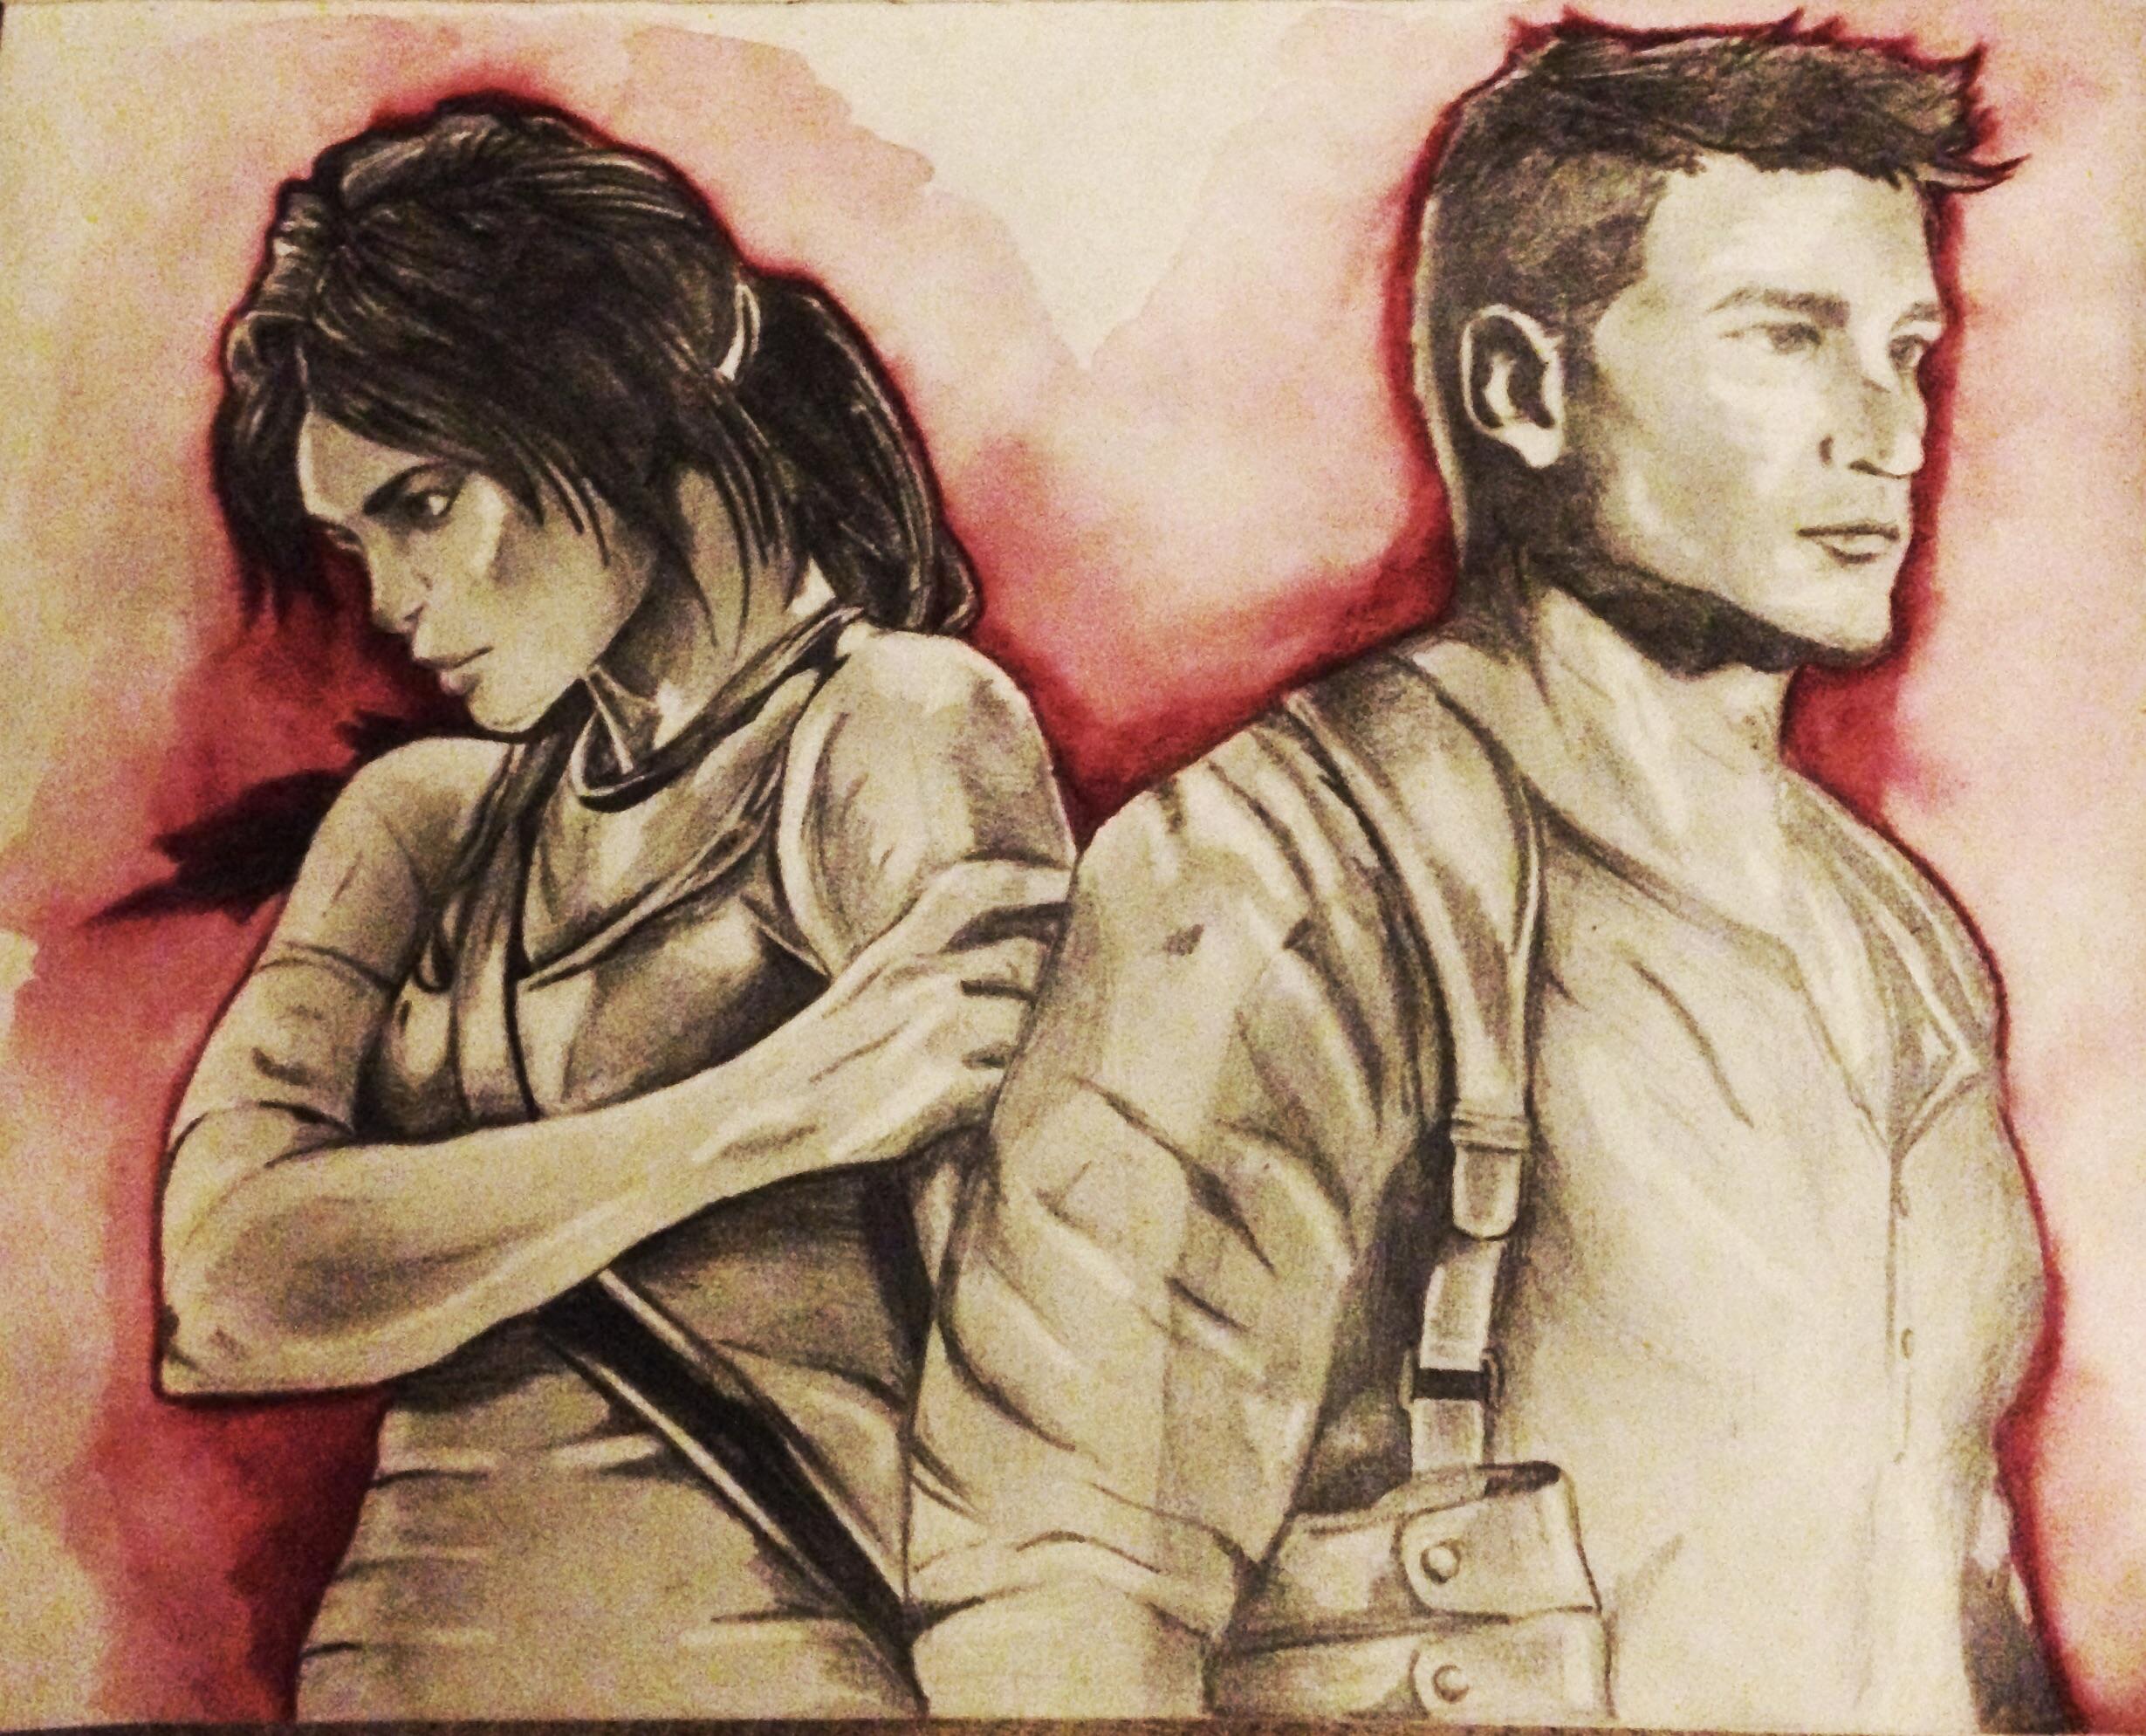 Lara Croft And Nathan Drake: Lara Croft And Nathan Drake (unfinished) By Grapeninja On